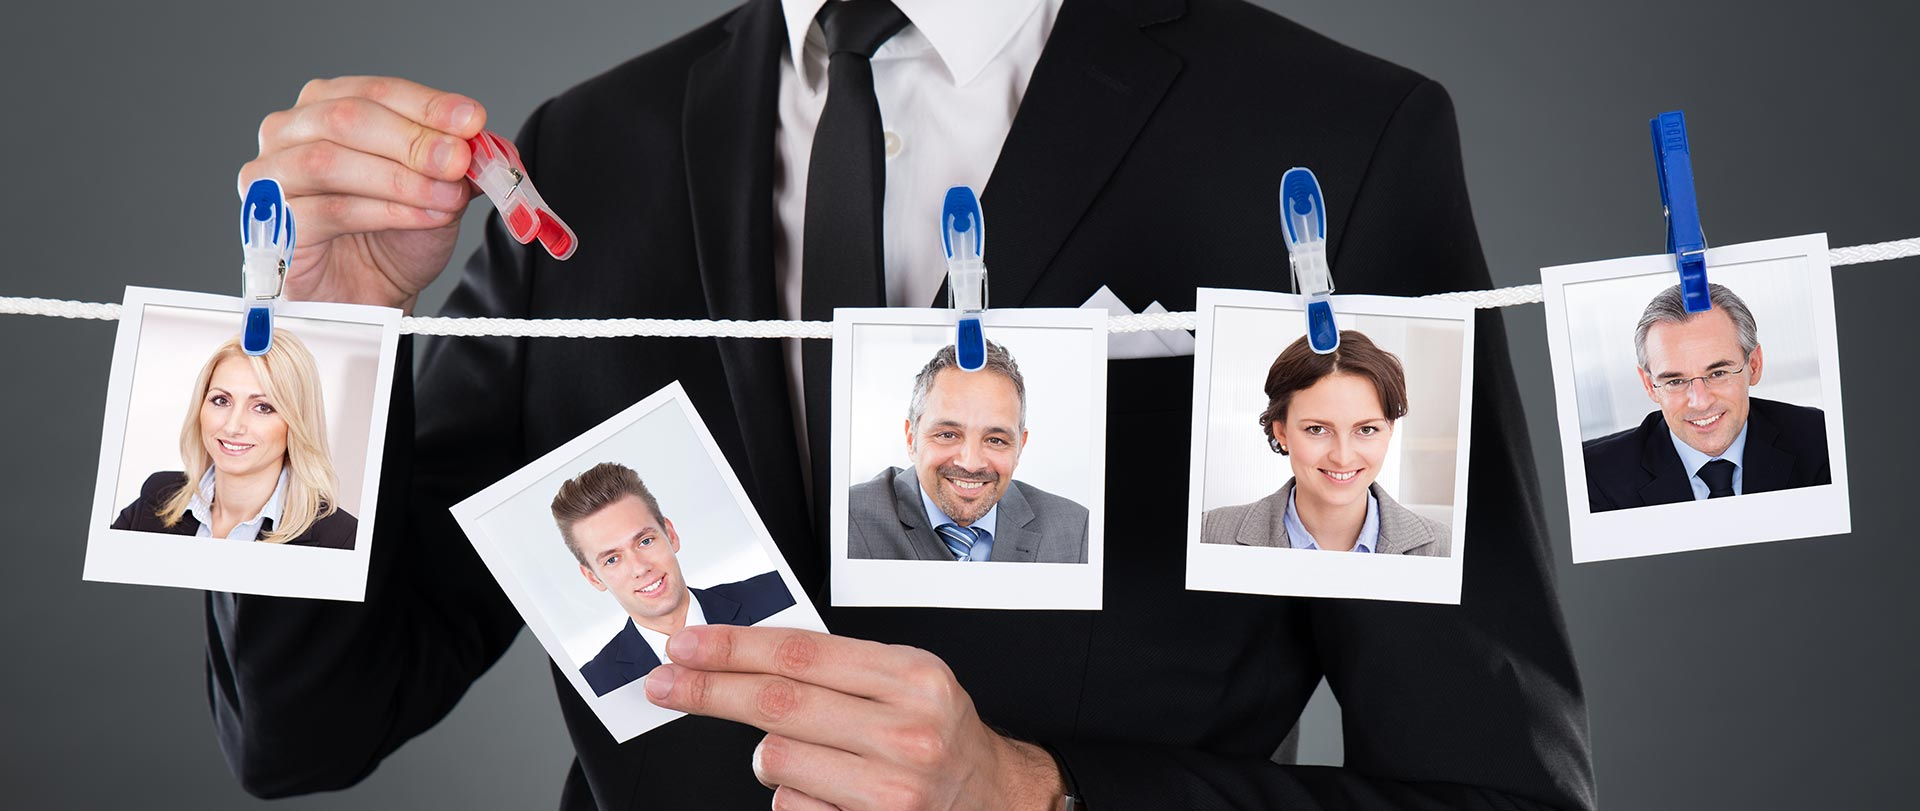 Medical Device Executive Jobs